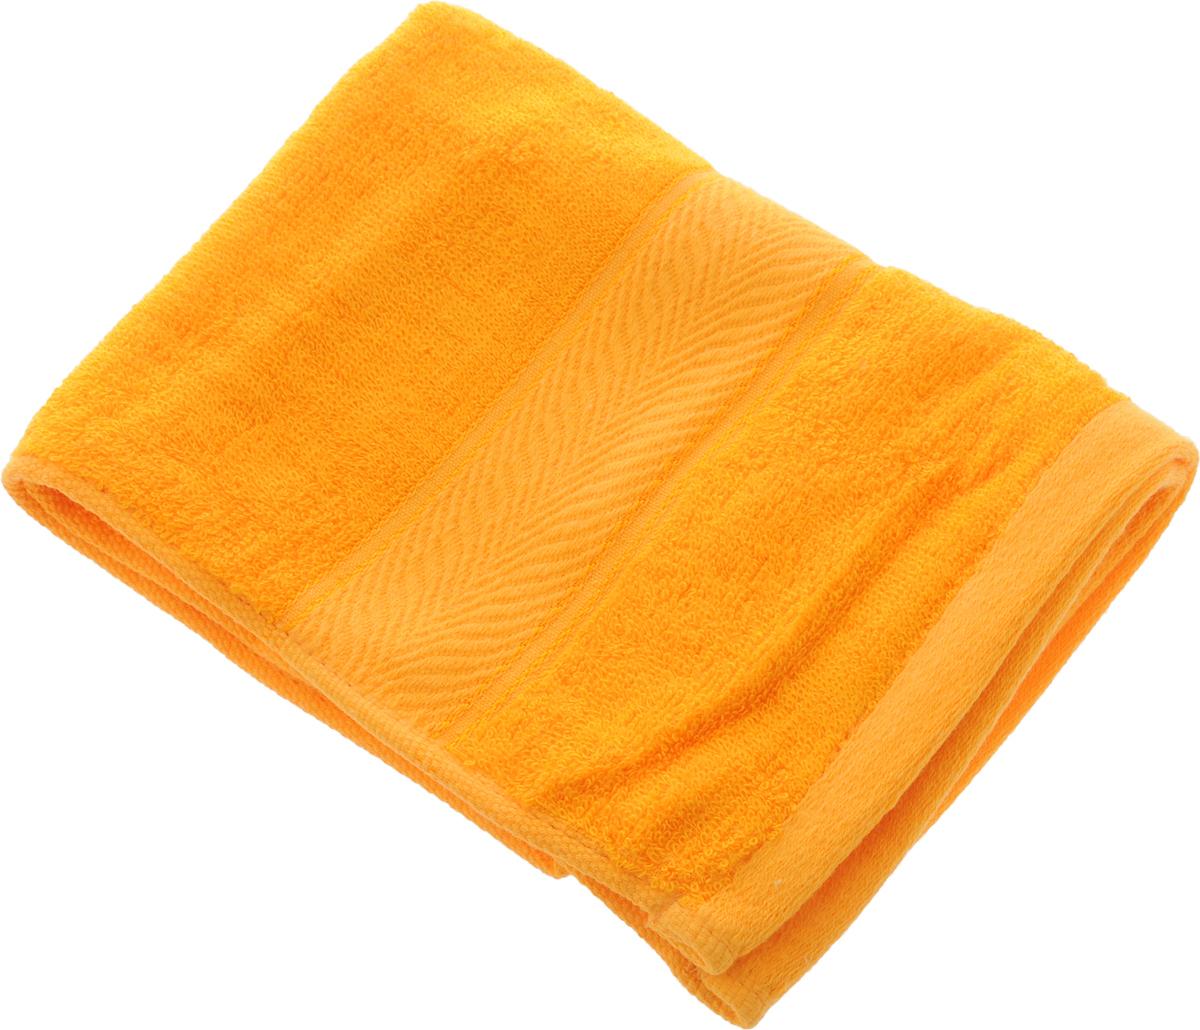 Полотенце Soavita Stefano, цвет: желтый, 30 х 70 см1004900000360Полотенце Soavita Stefano выполнено из 100% бамбукового волокна. Изделие отлично впитывает влагу, быстро сохнет, сохраняет яркость цвета и не теряет форму даже после многократных стирок.Полотенце очень практично и неприхотливо в уходе. Оно создаст прекрасное настроение и украсит интерьер в ванной комнате.